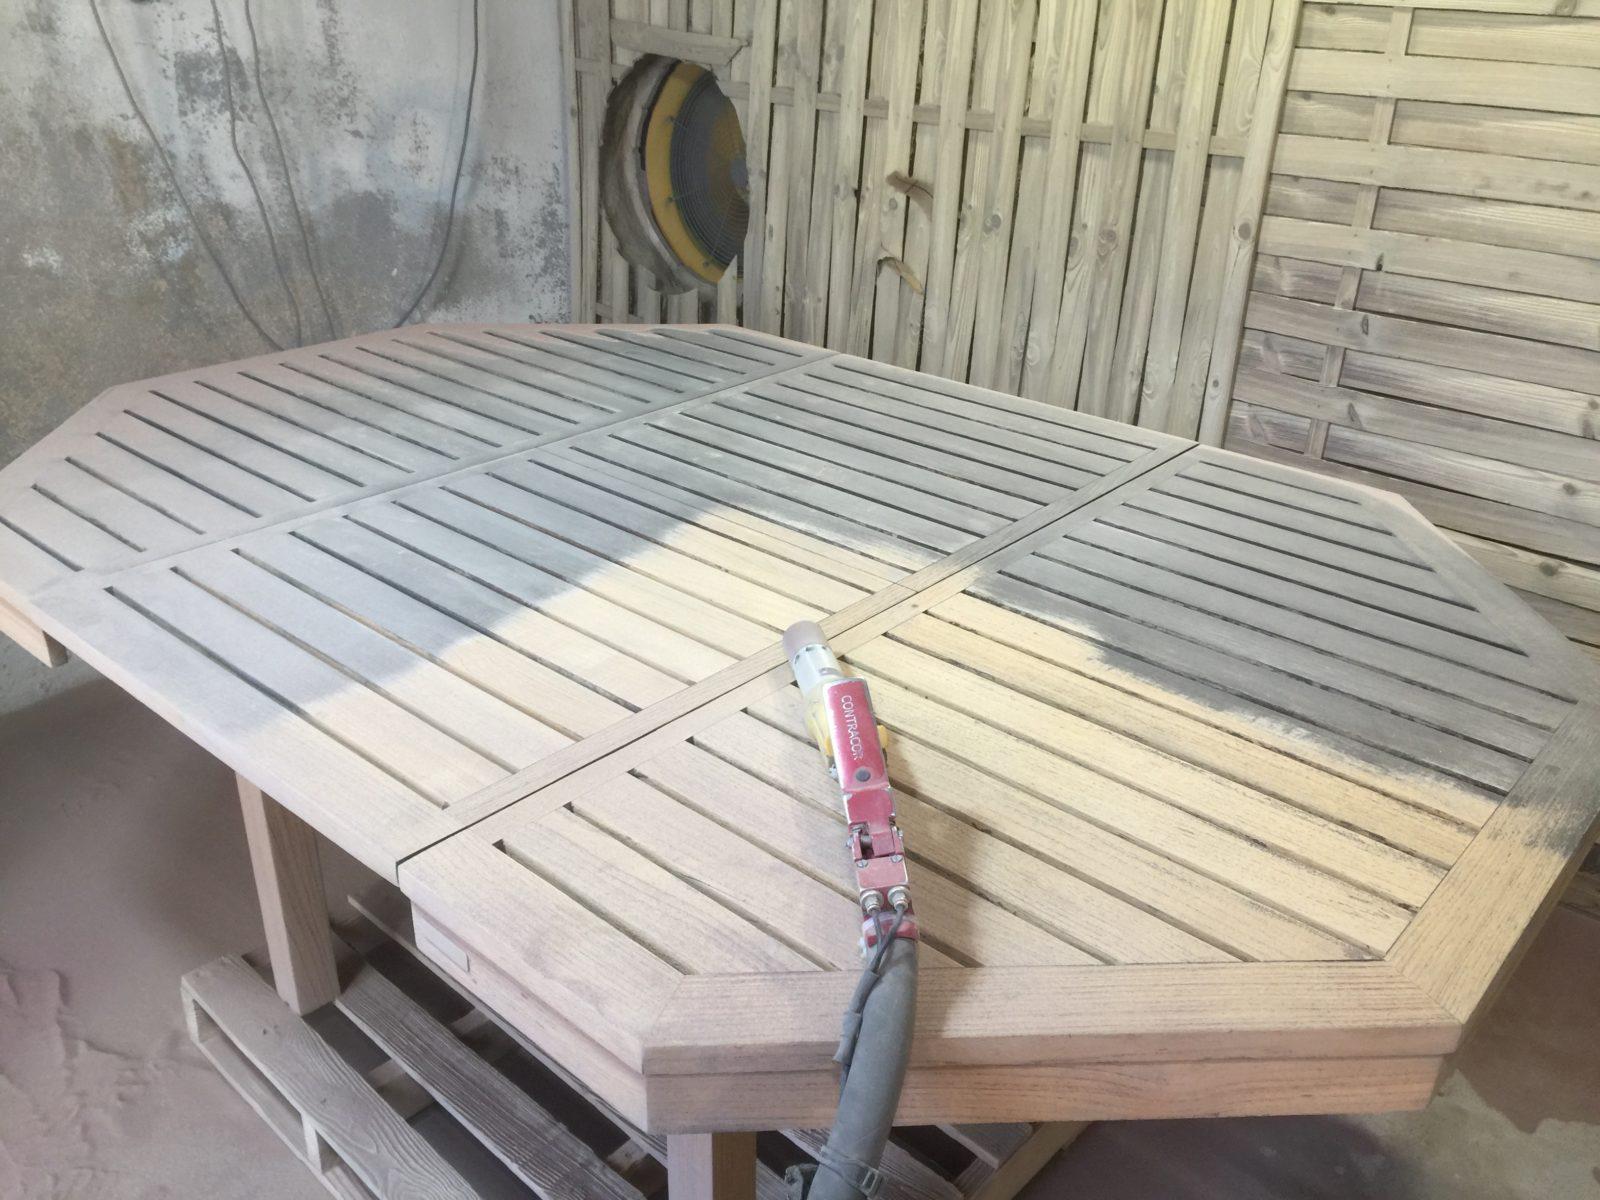 Peinture Pour Meuble En Bois Sans Decapage service de décapage à sec meubles bois avant peinture dpt 06